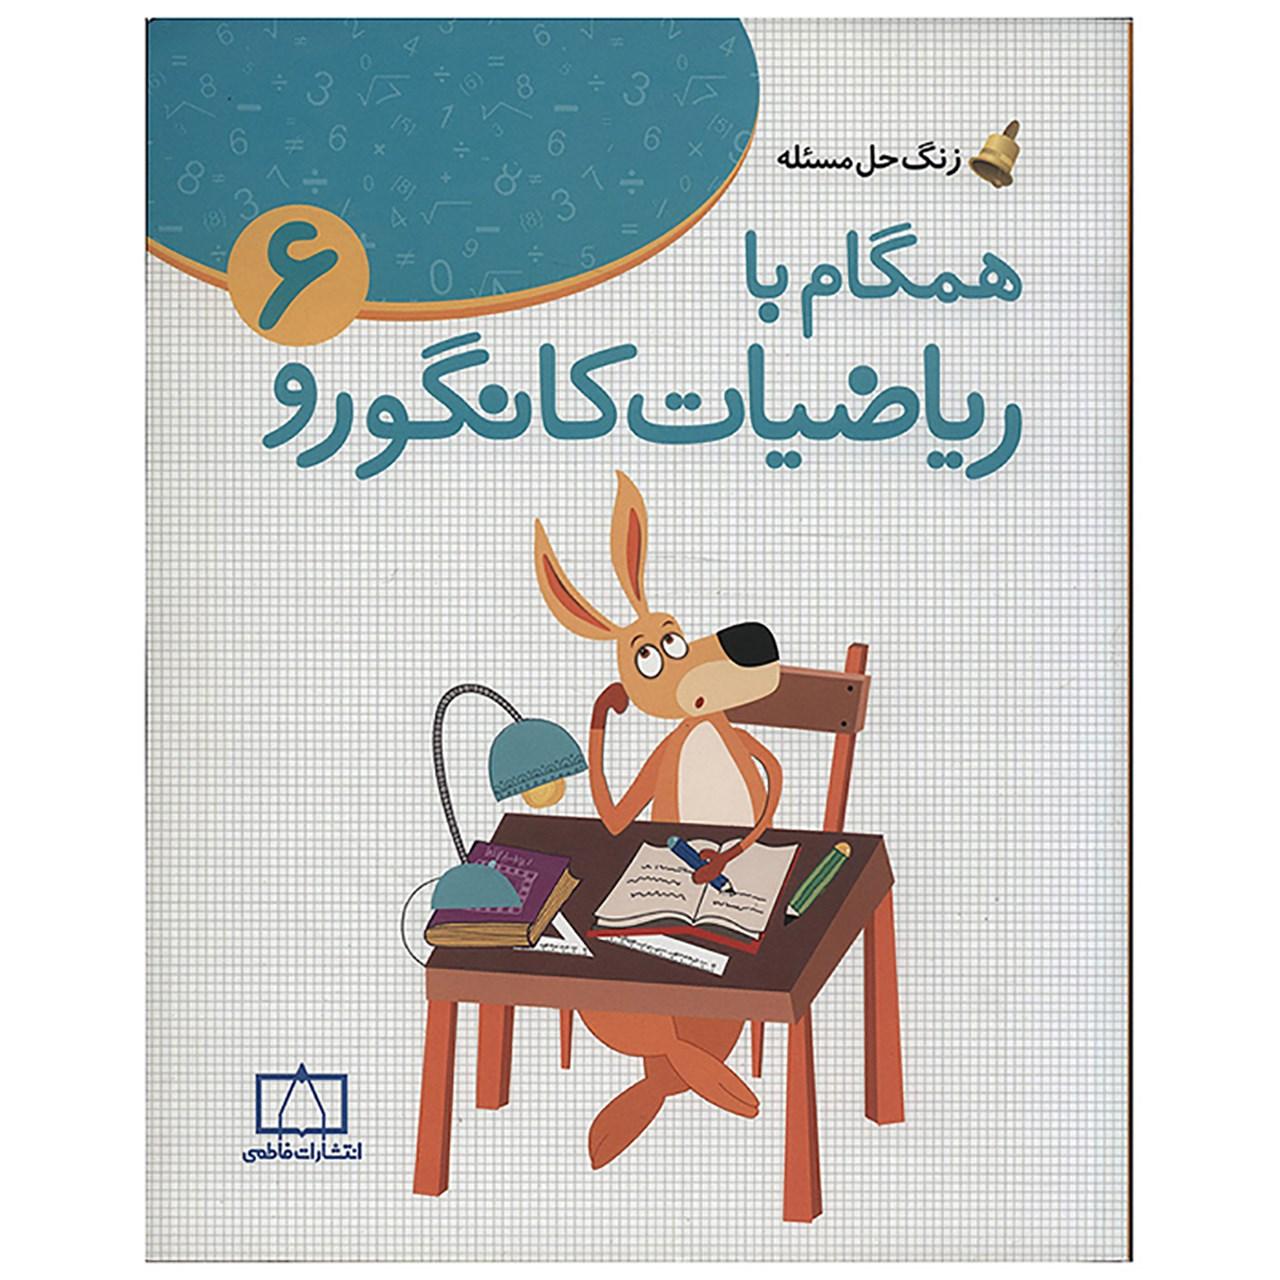 کتاب همگام با ریاضیات کانگورو 6 اثر جعفر اسدی گرمارودی